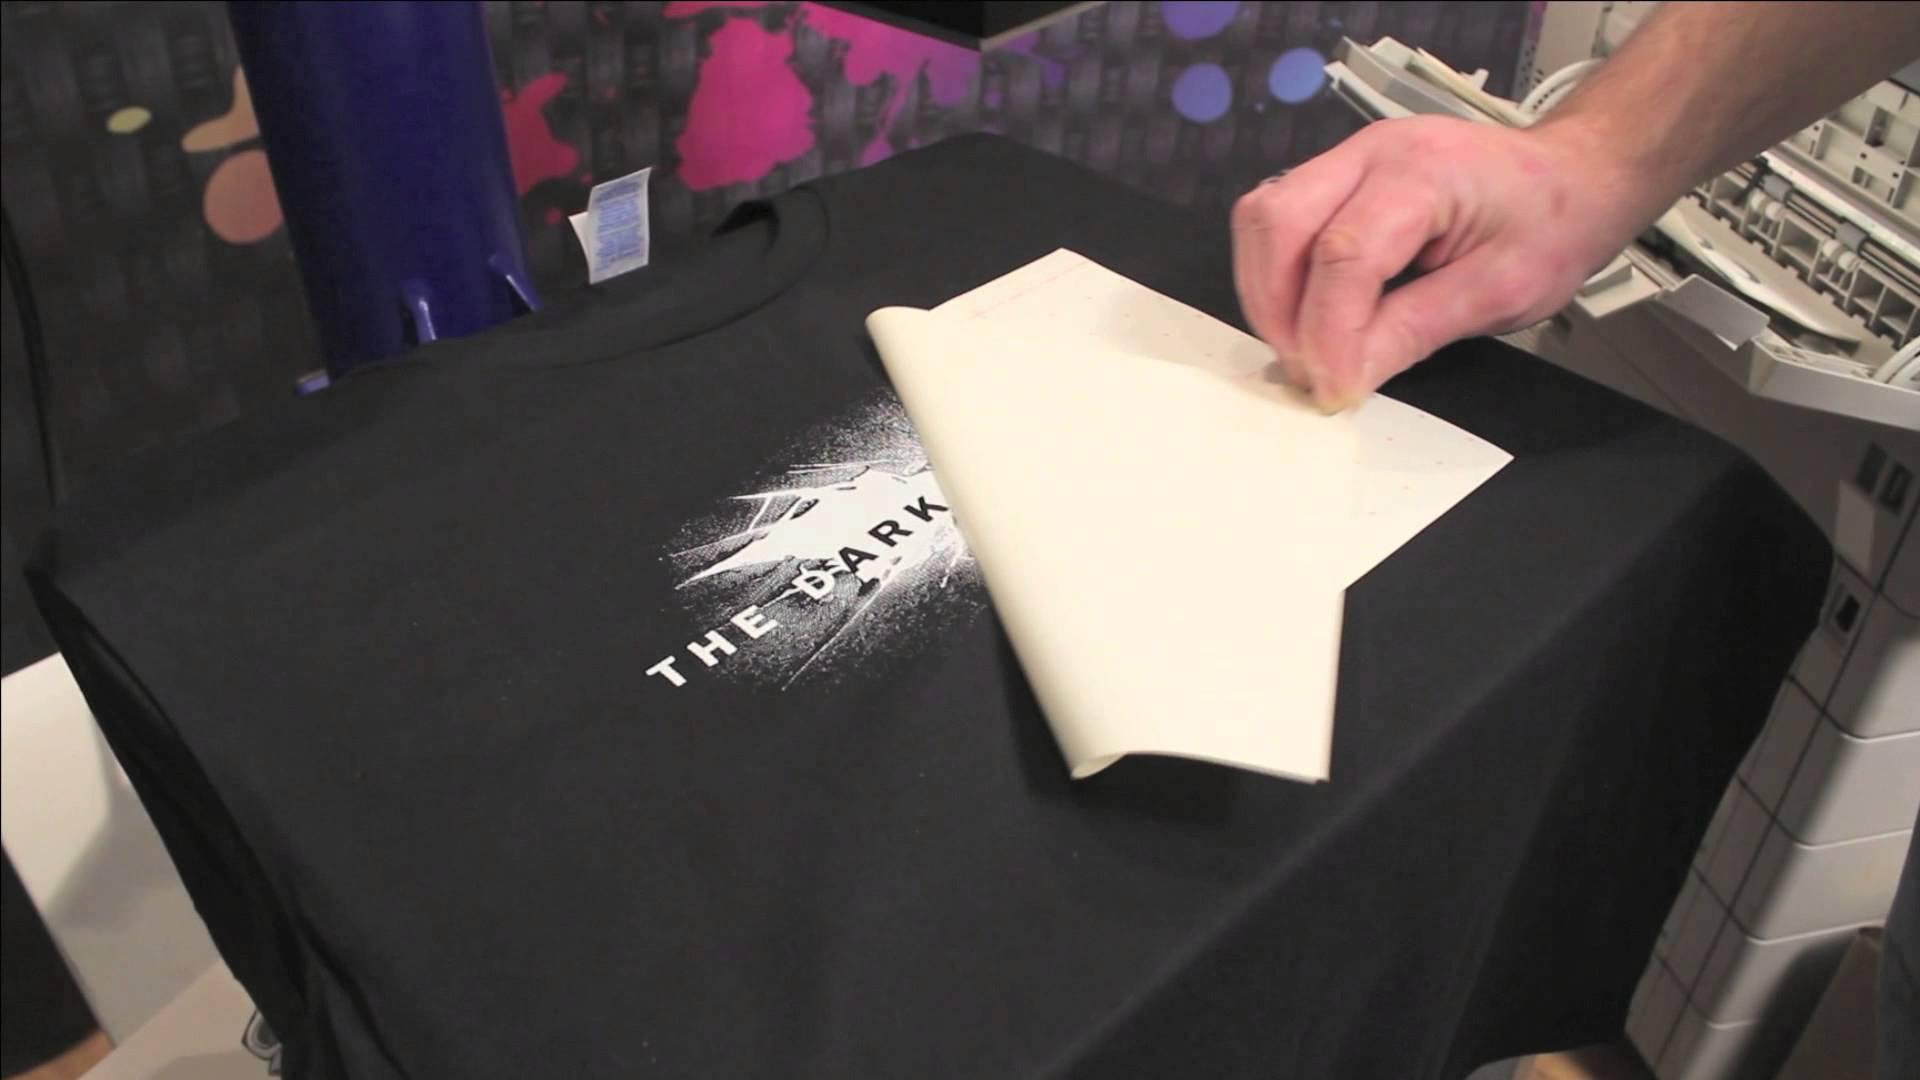 Transfert laser sur tee-shirt. Comment choisir l'imprimante et le papier adapté